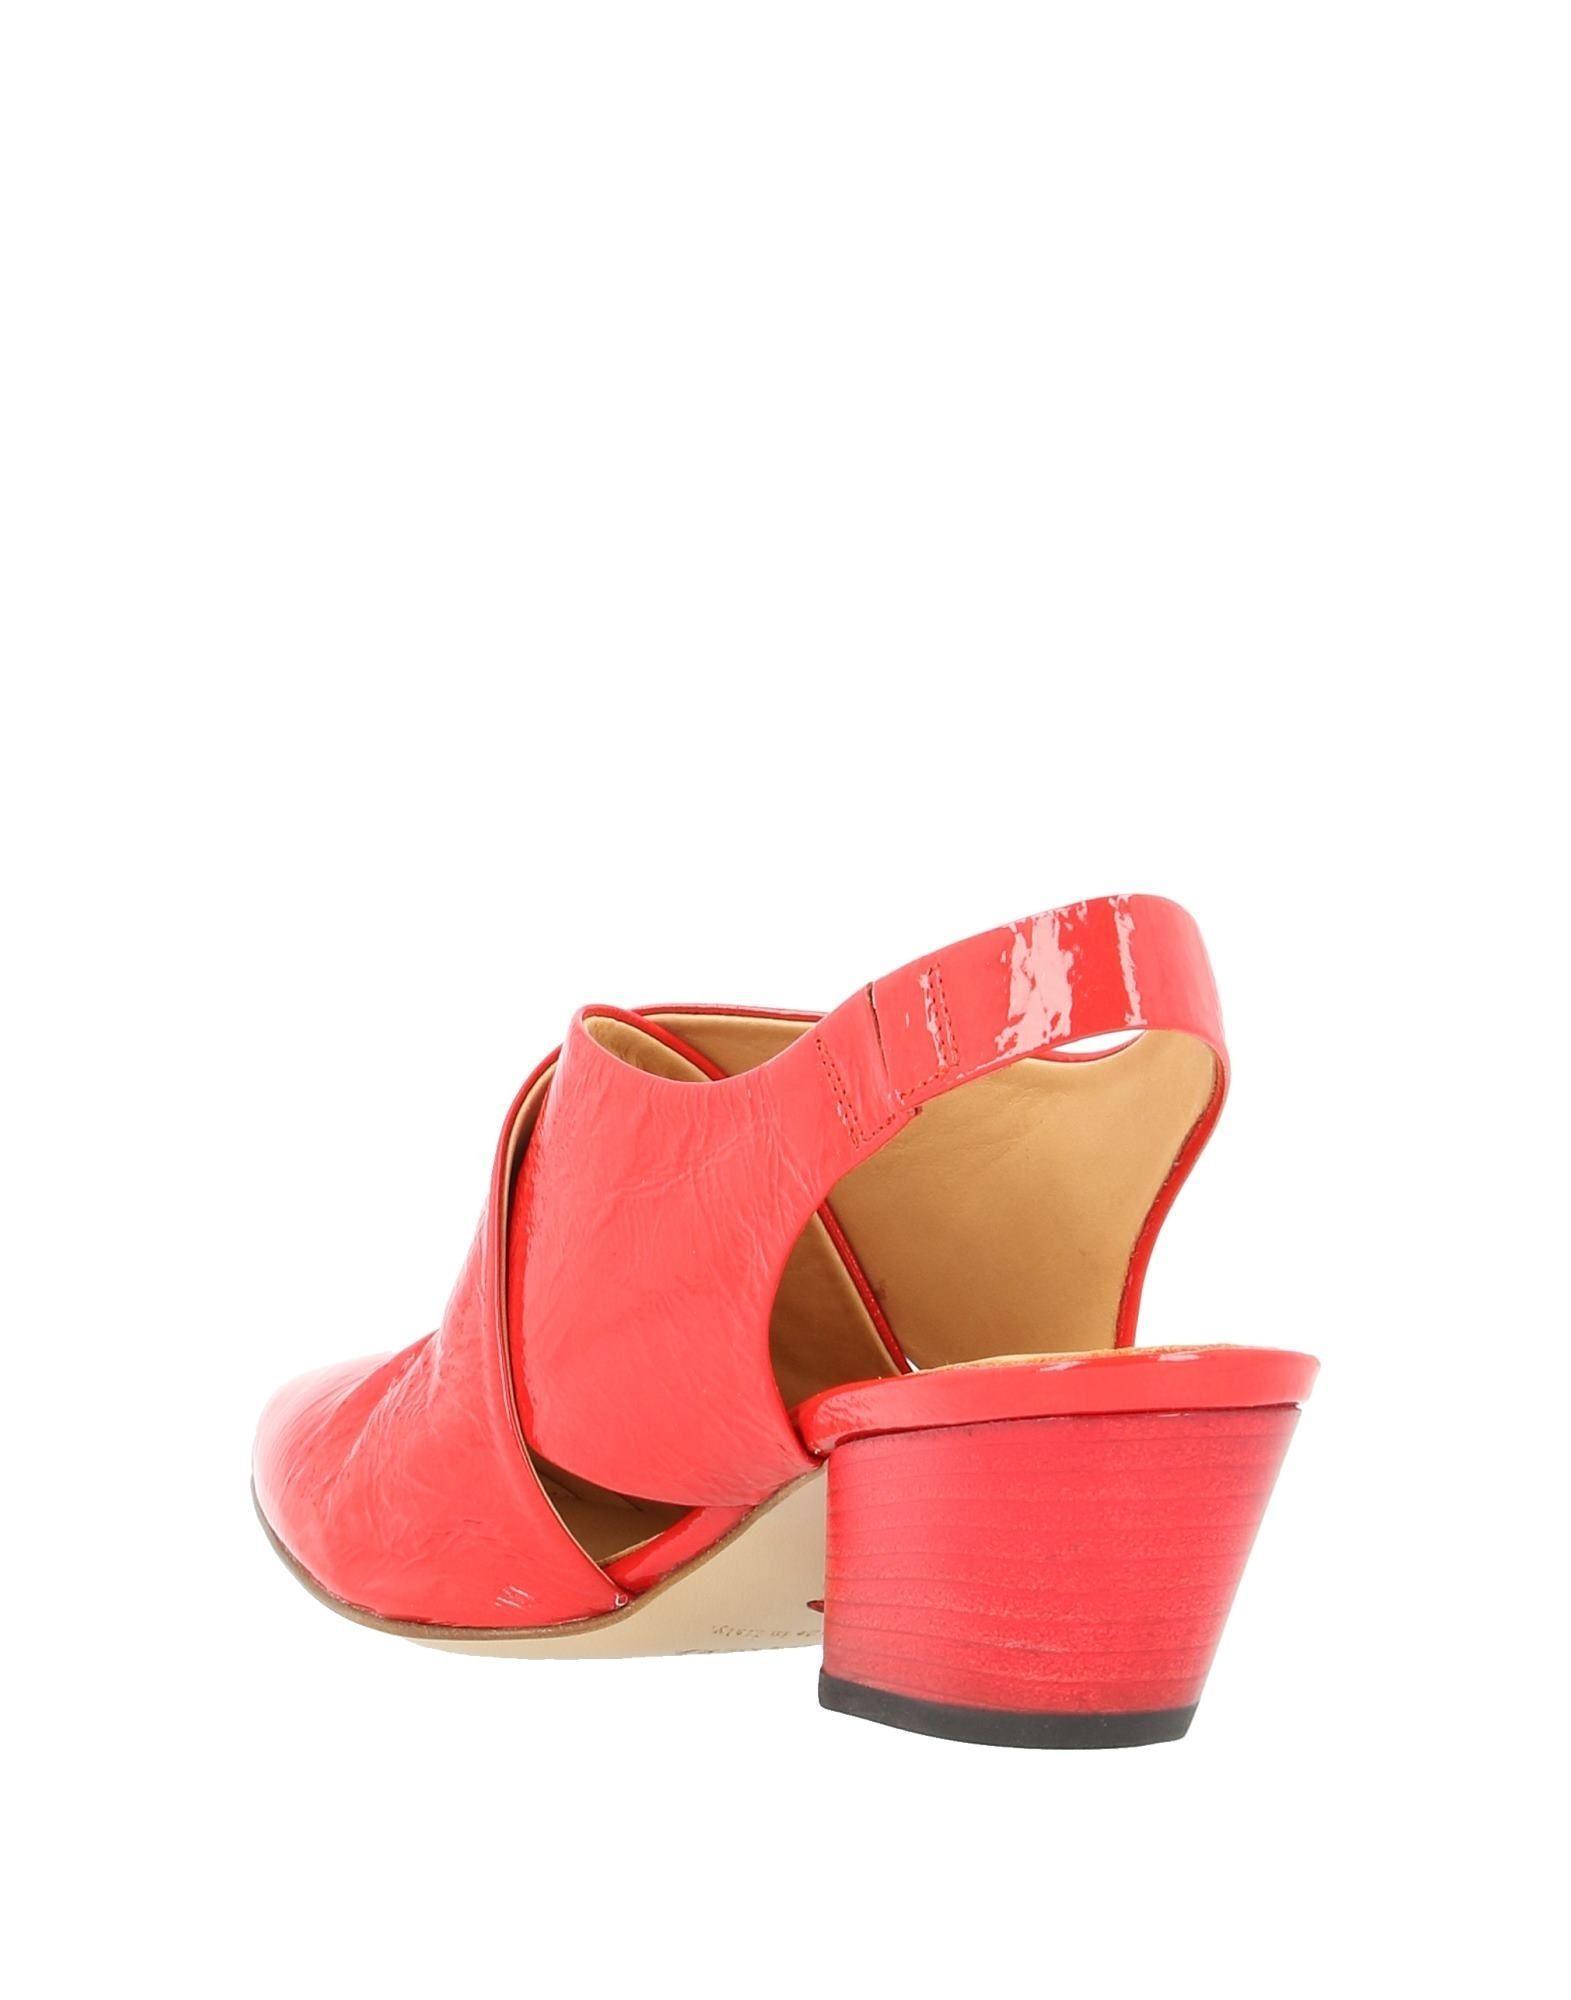 Zapatos de salón Halmanera de Cuero de color Rojo